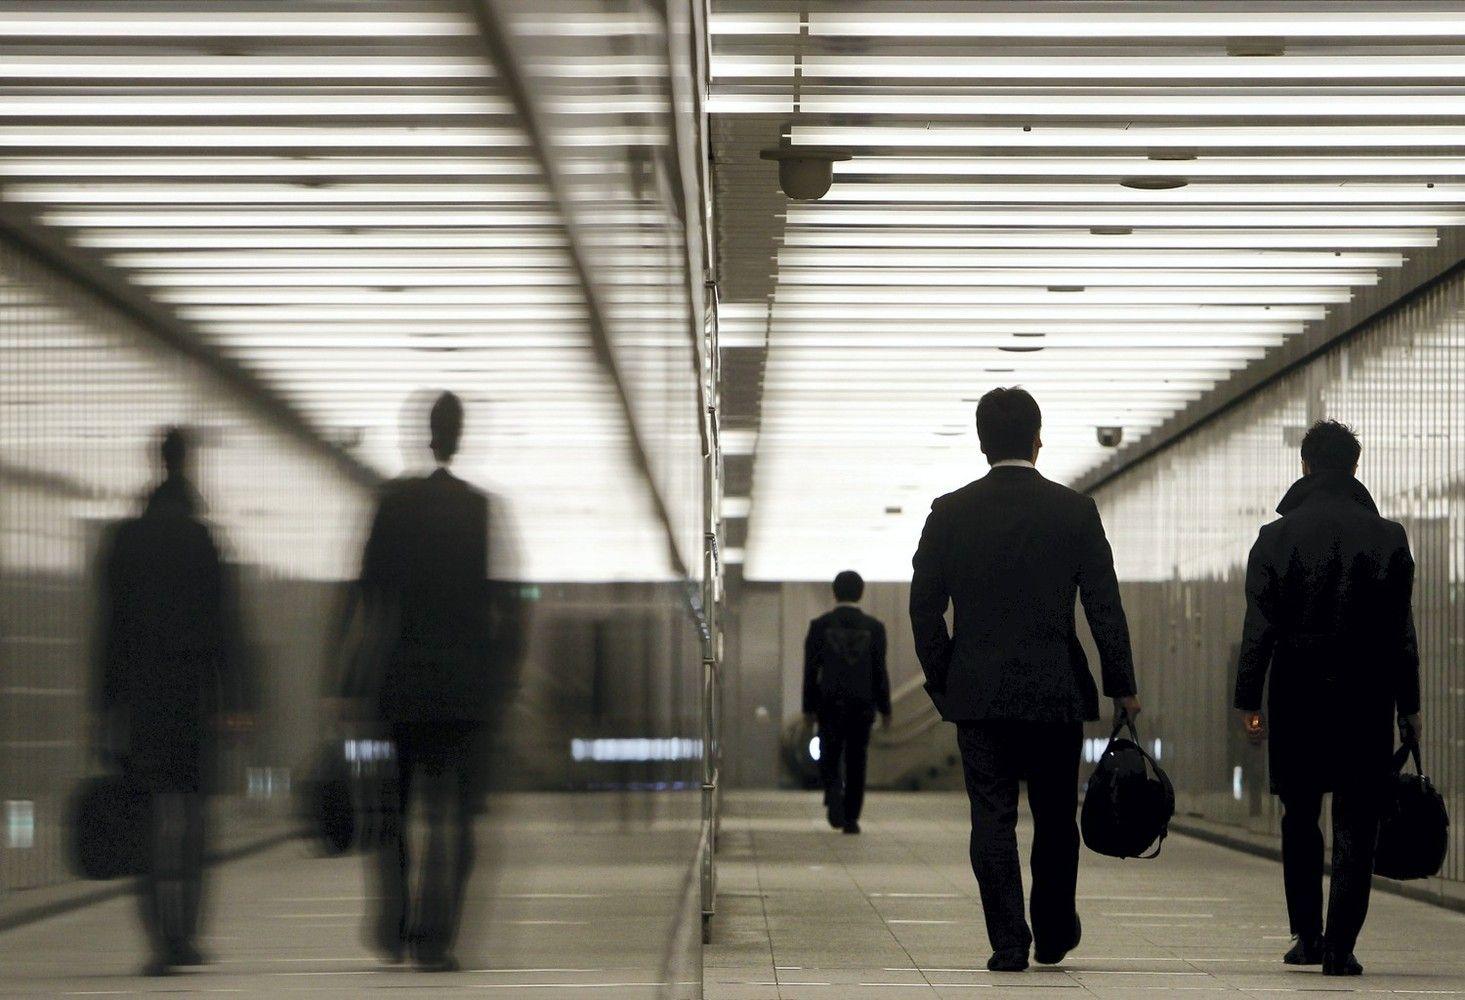 2019 m. įsigalioja pranešėjų apsauga – nauja rizika verslui